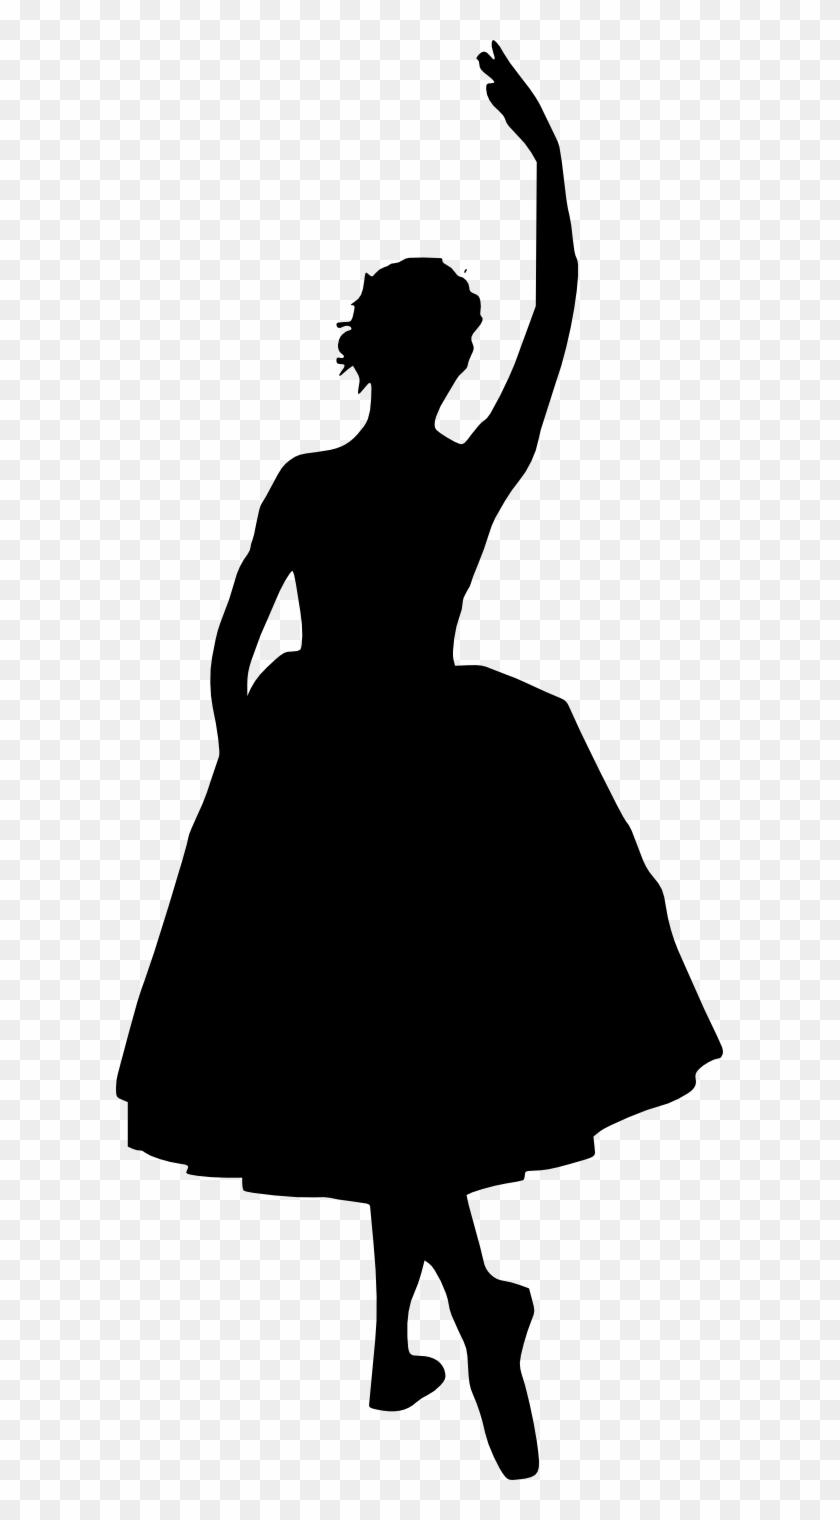 Free Download - Ballet Dancer #199734